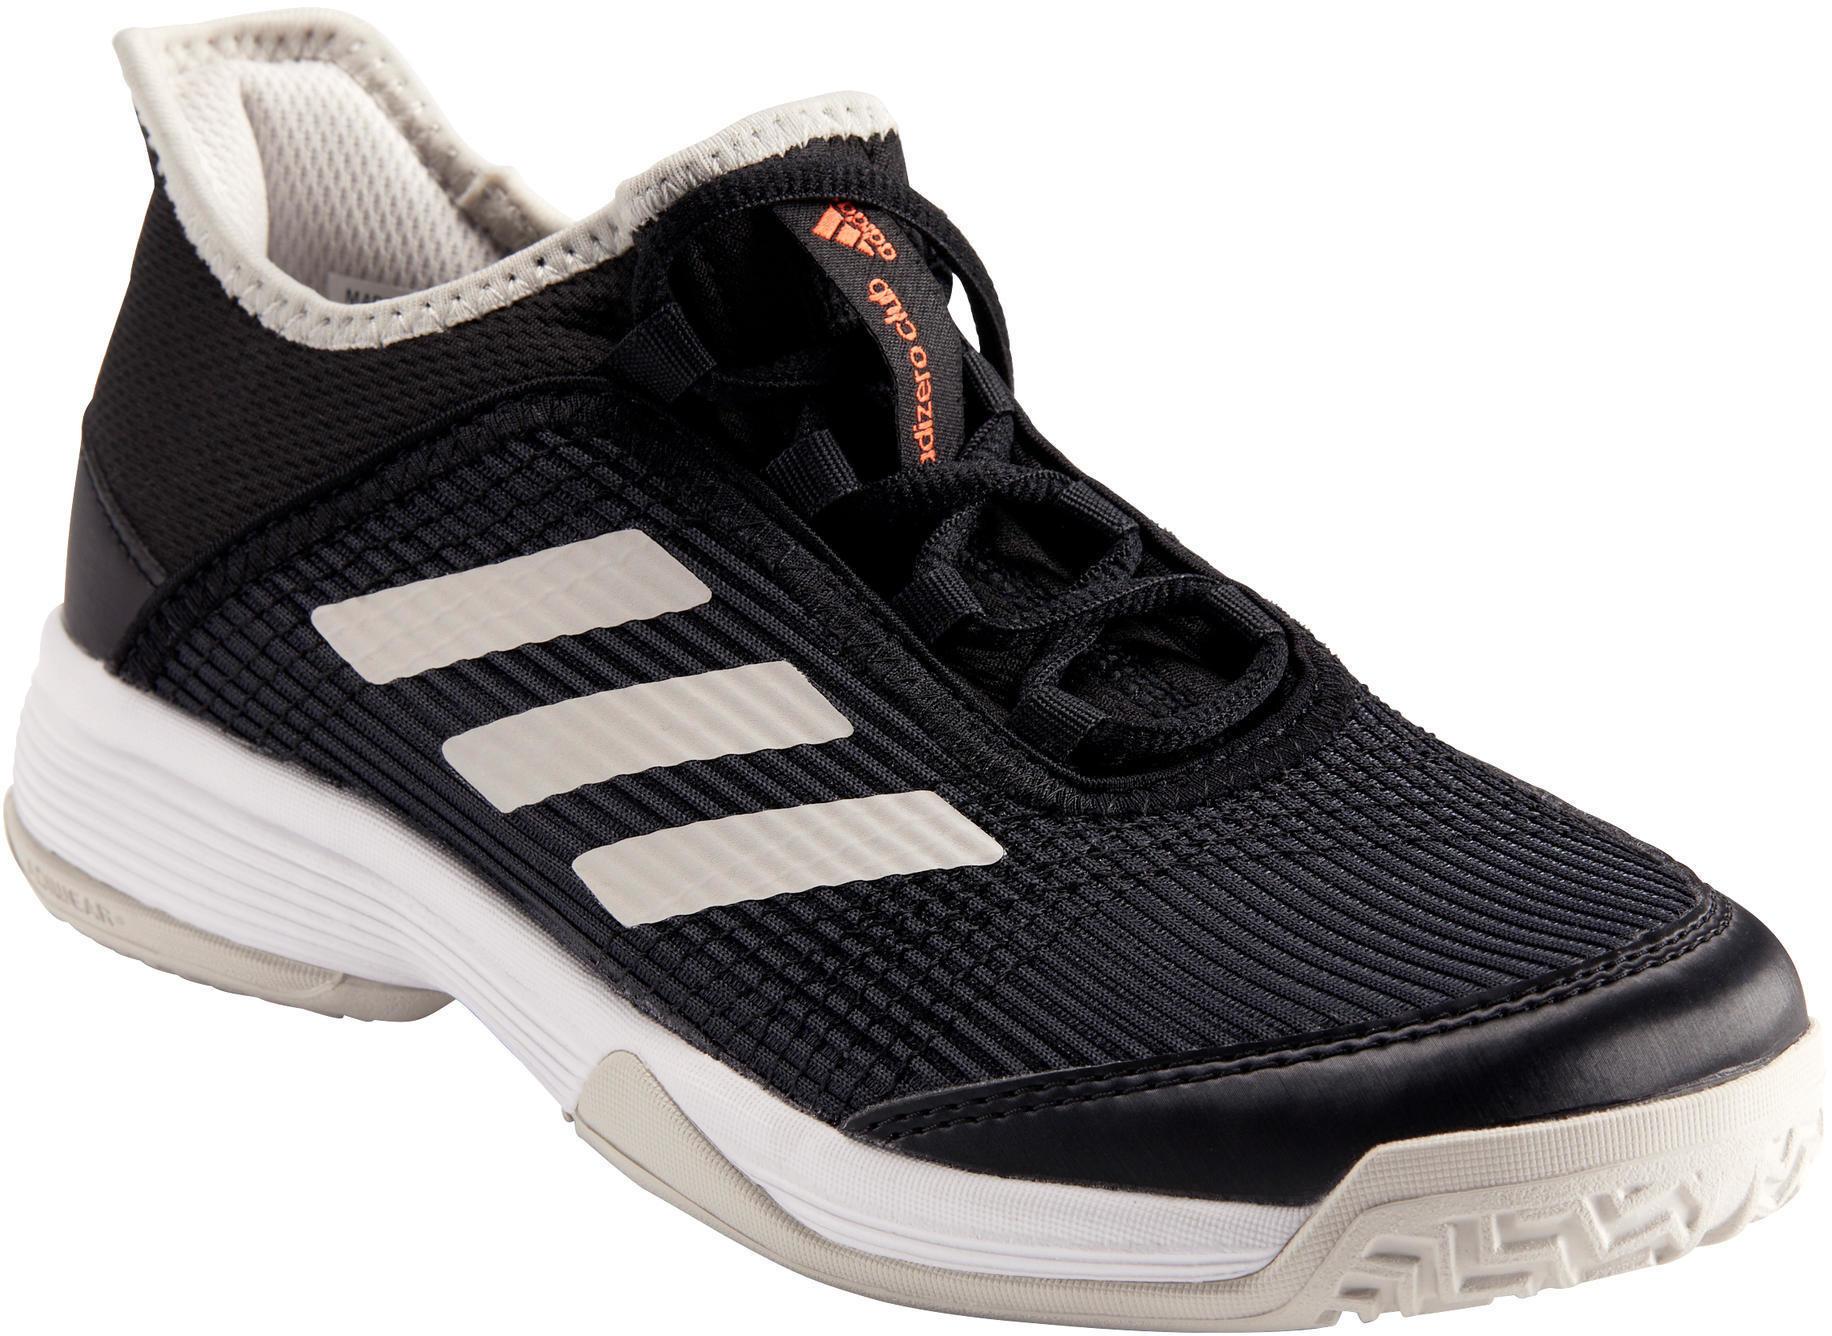 Adidas Buty Tenis Adizero Club Dla Dzieci